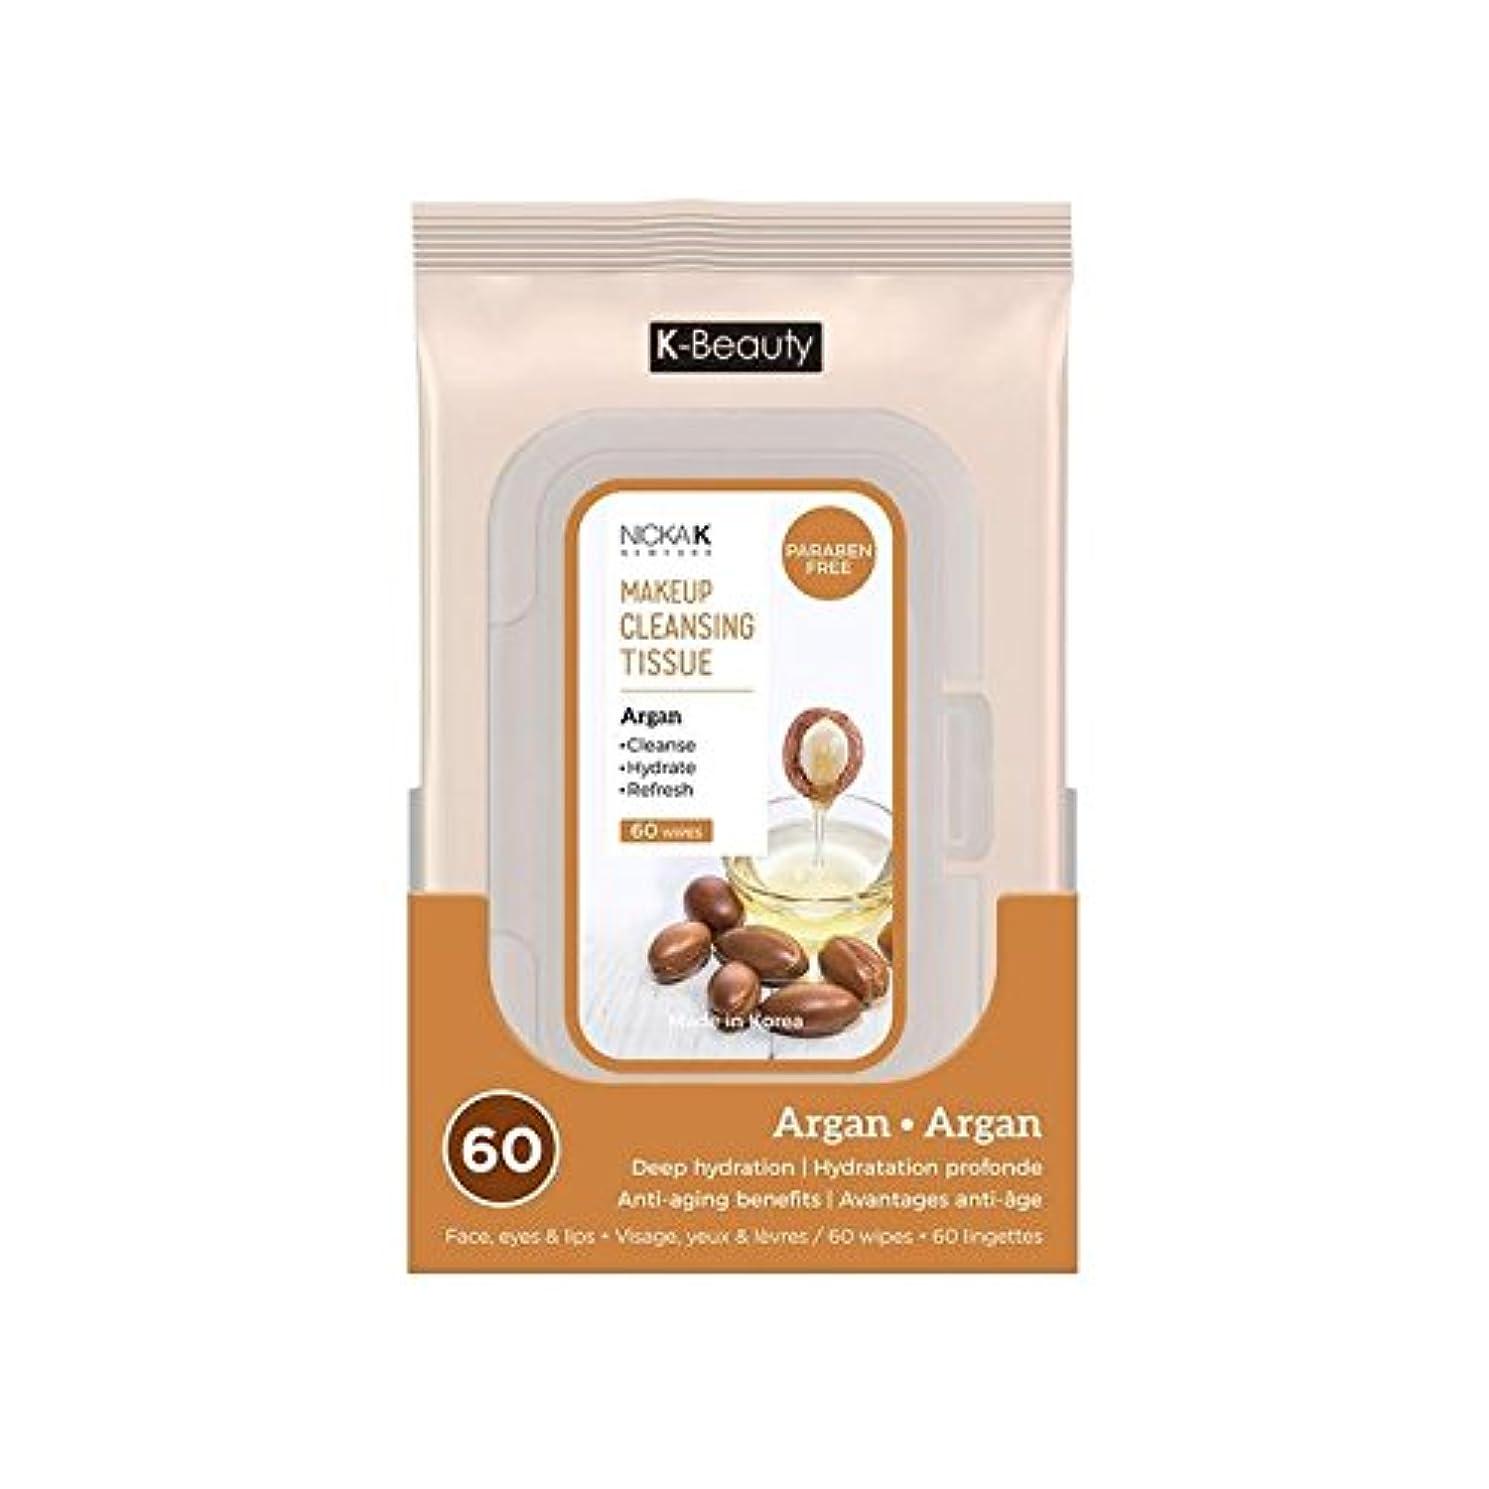 れんが可塑性削る(6 Pack) NICKA K Make Up Cleansing Tissue - Argan (並行輸入品)